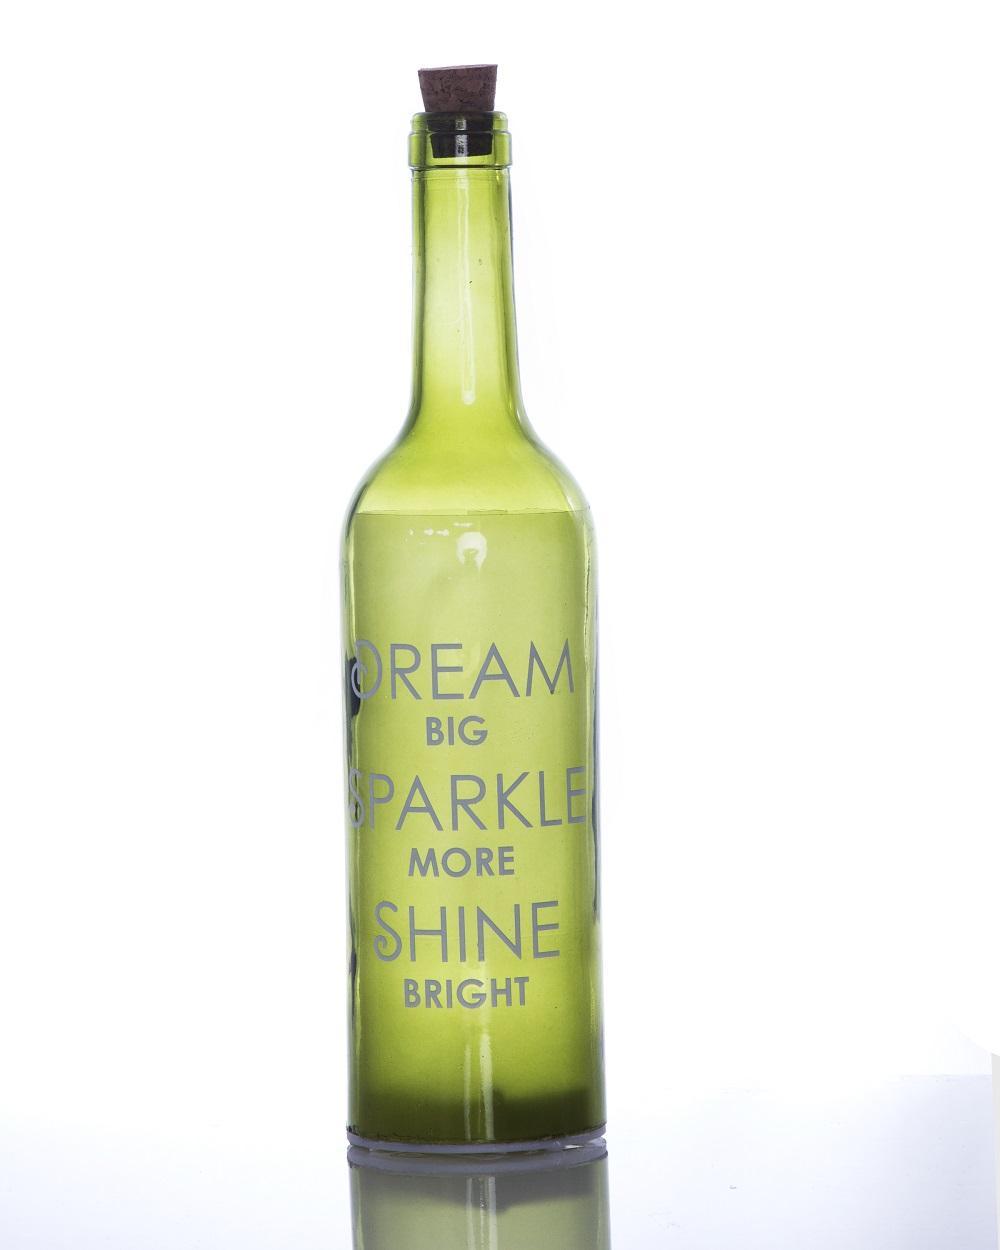 Dream Starlight  Bottle Light Up Sentimental Message Bottles